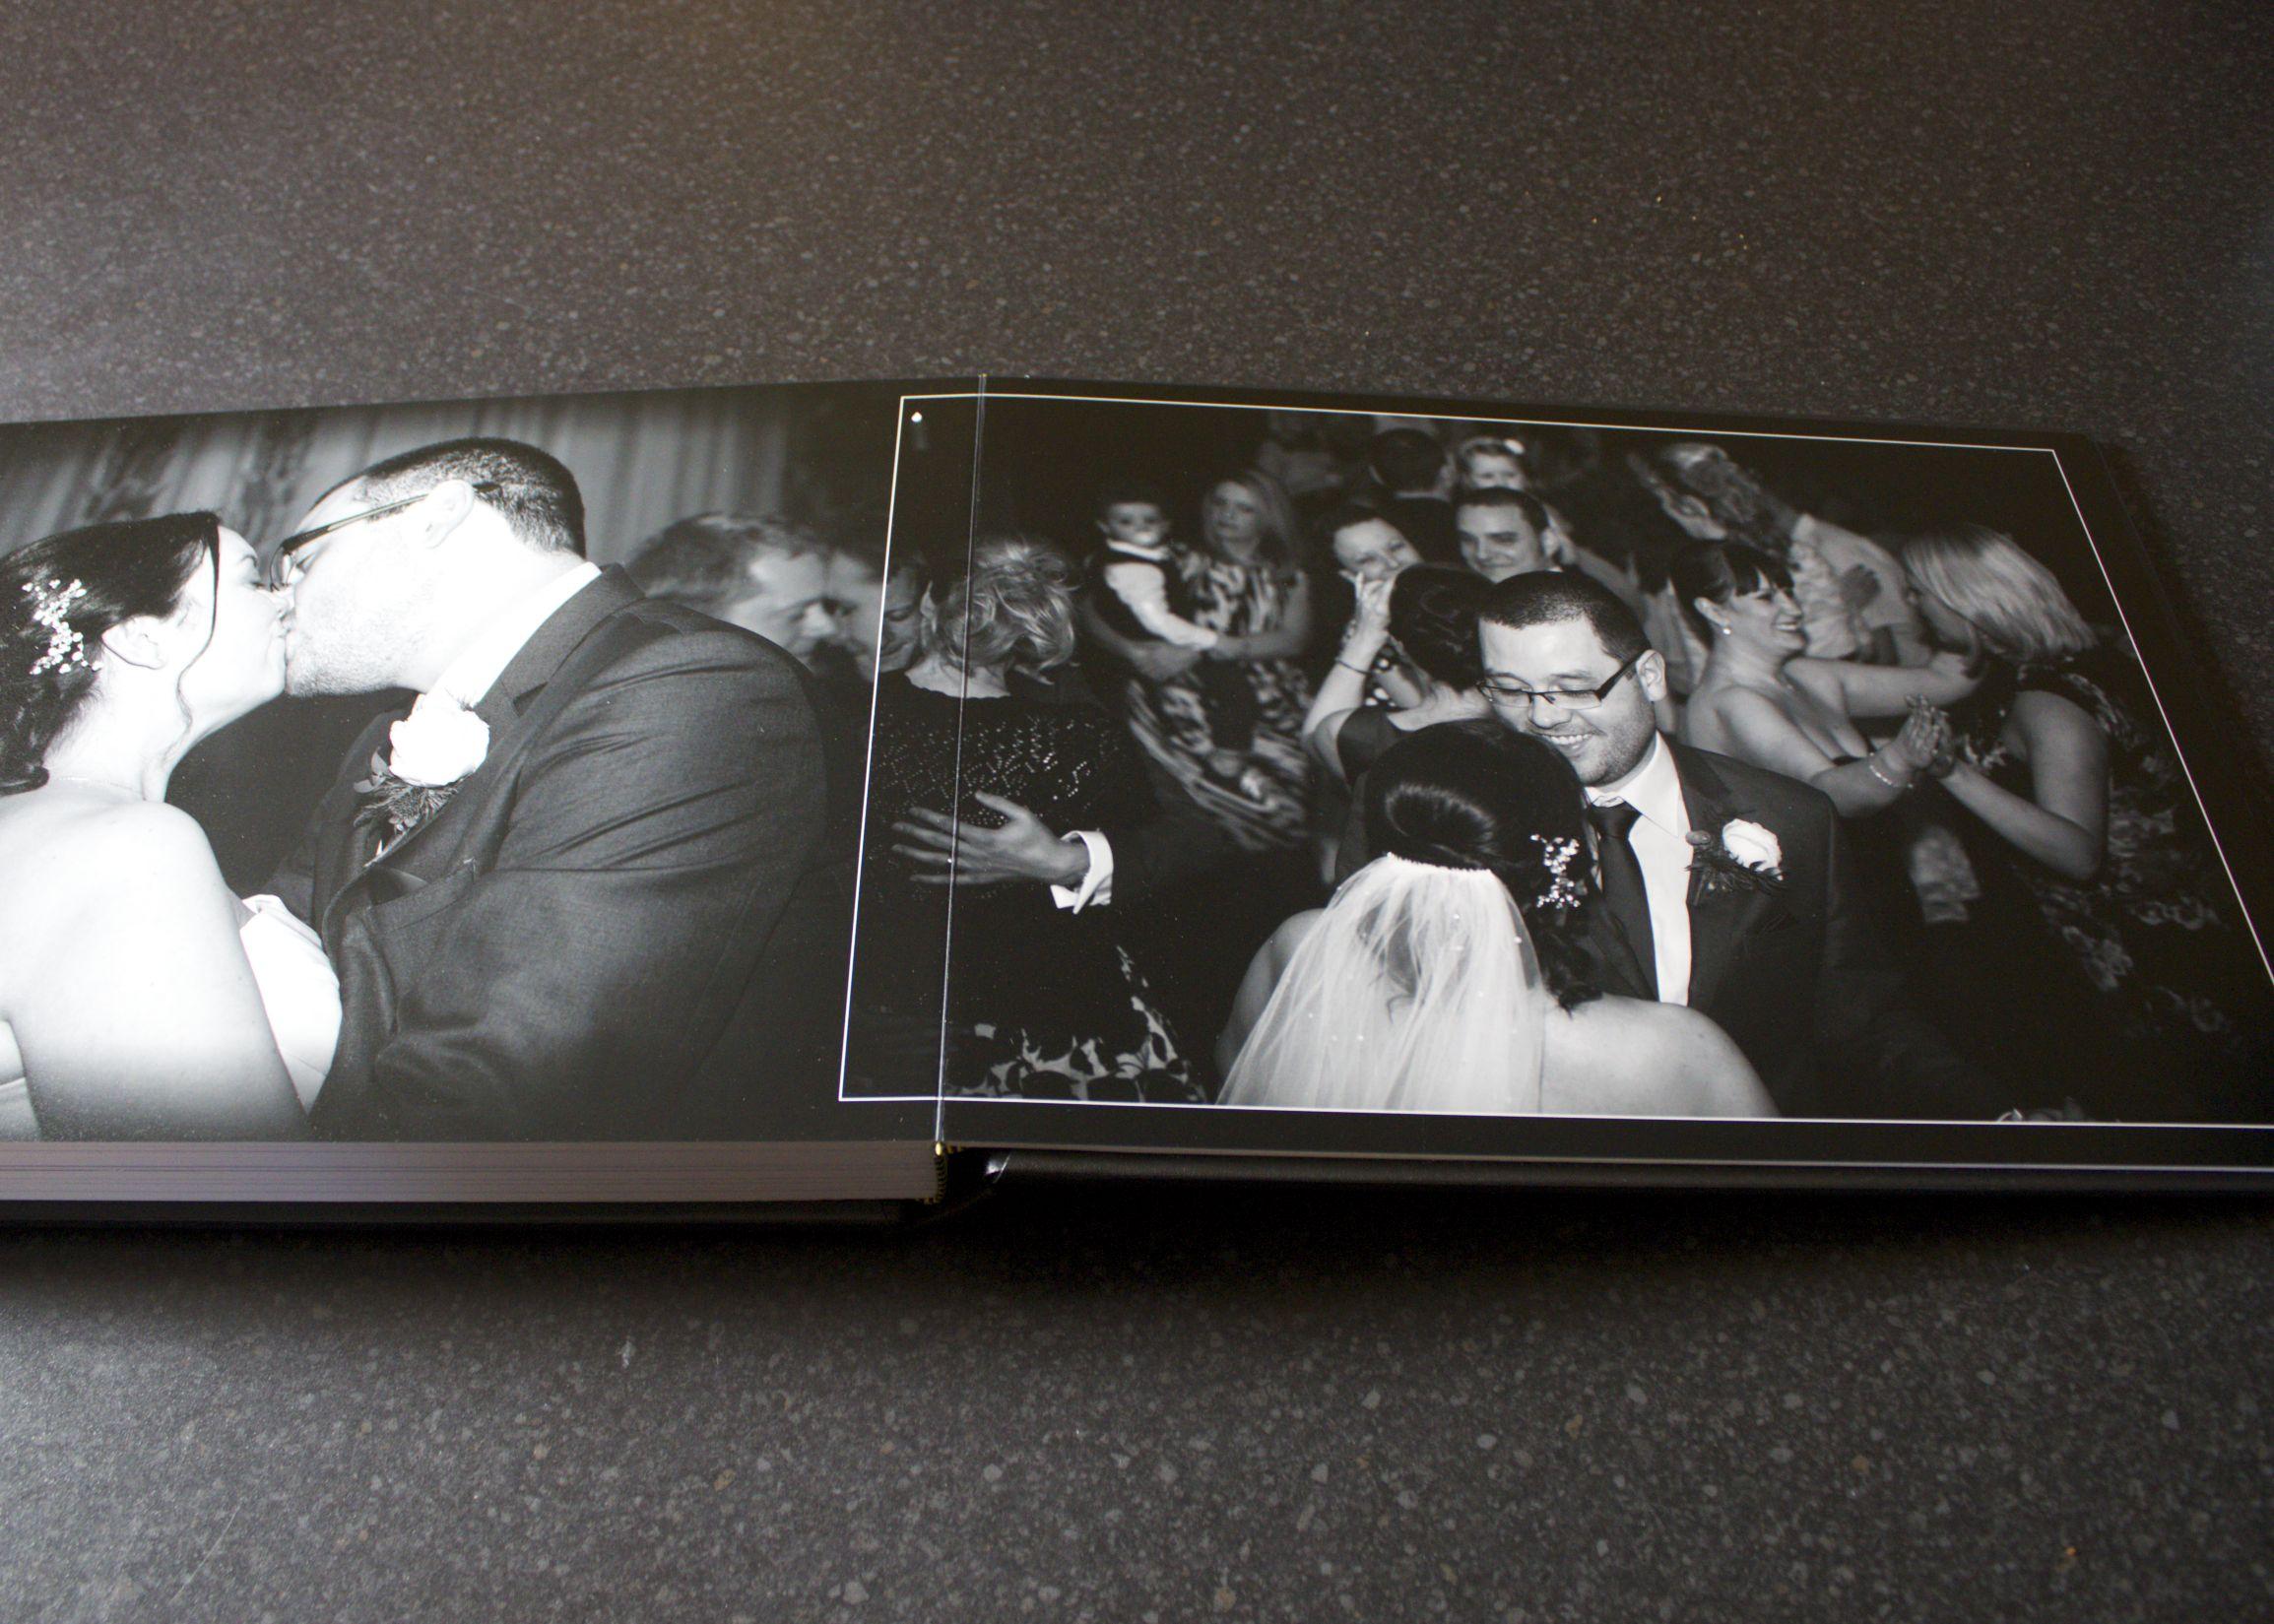 Tony Sarlo Wedding Album - Lay Flat